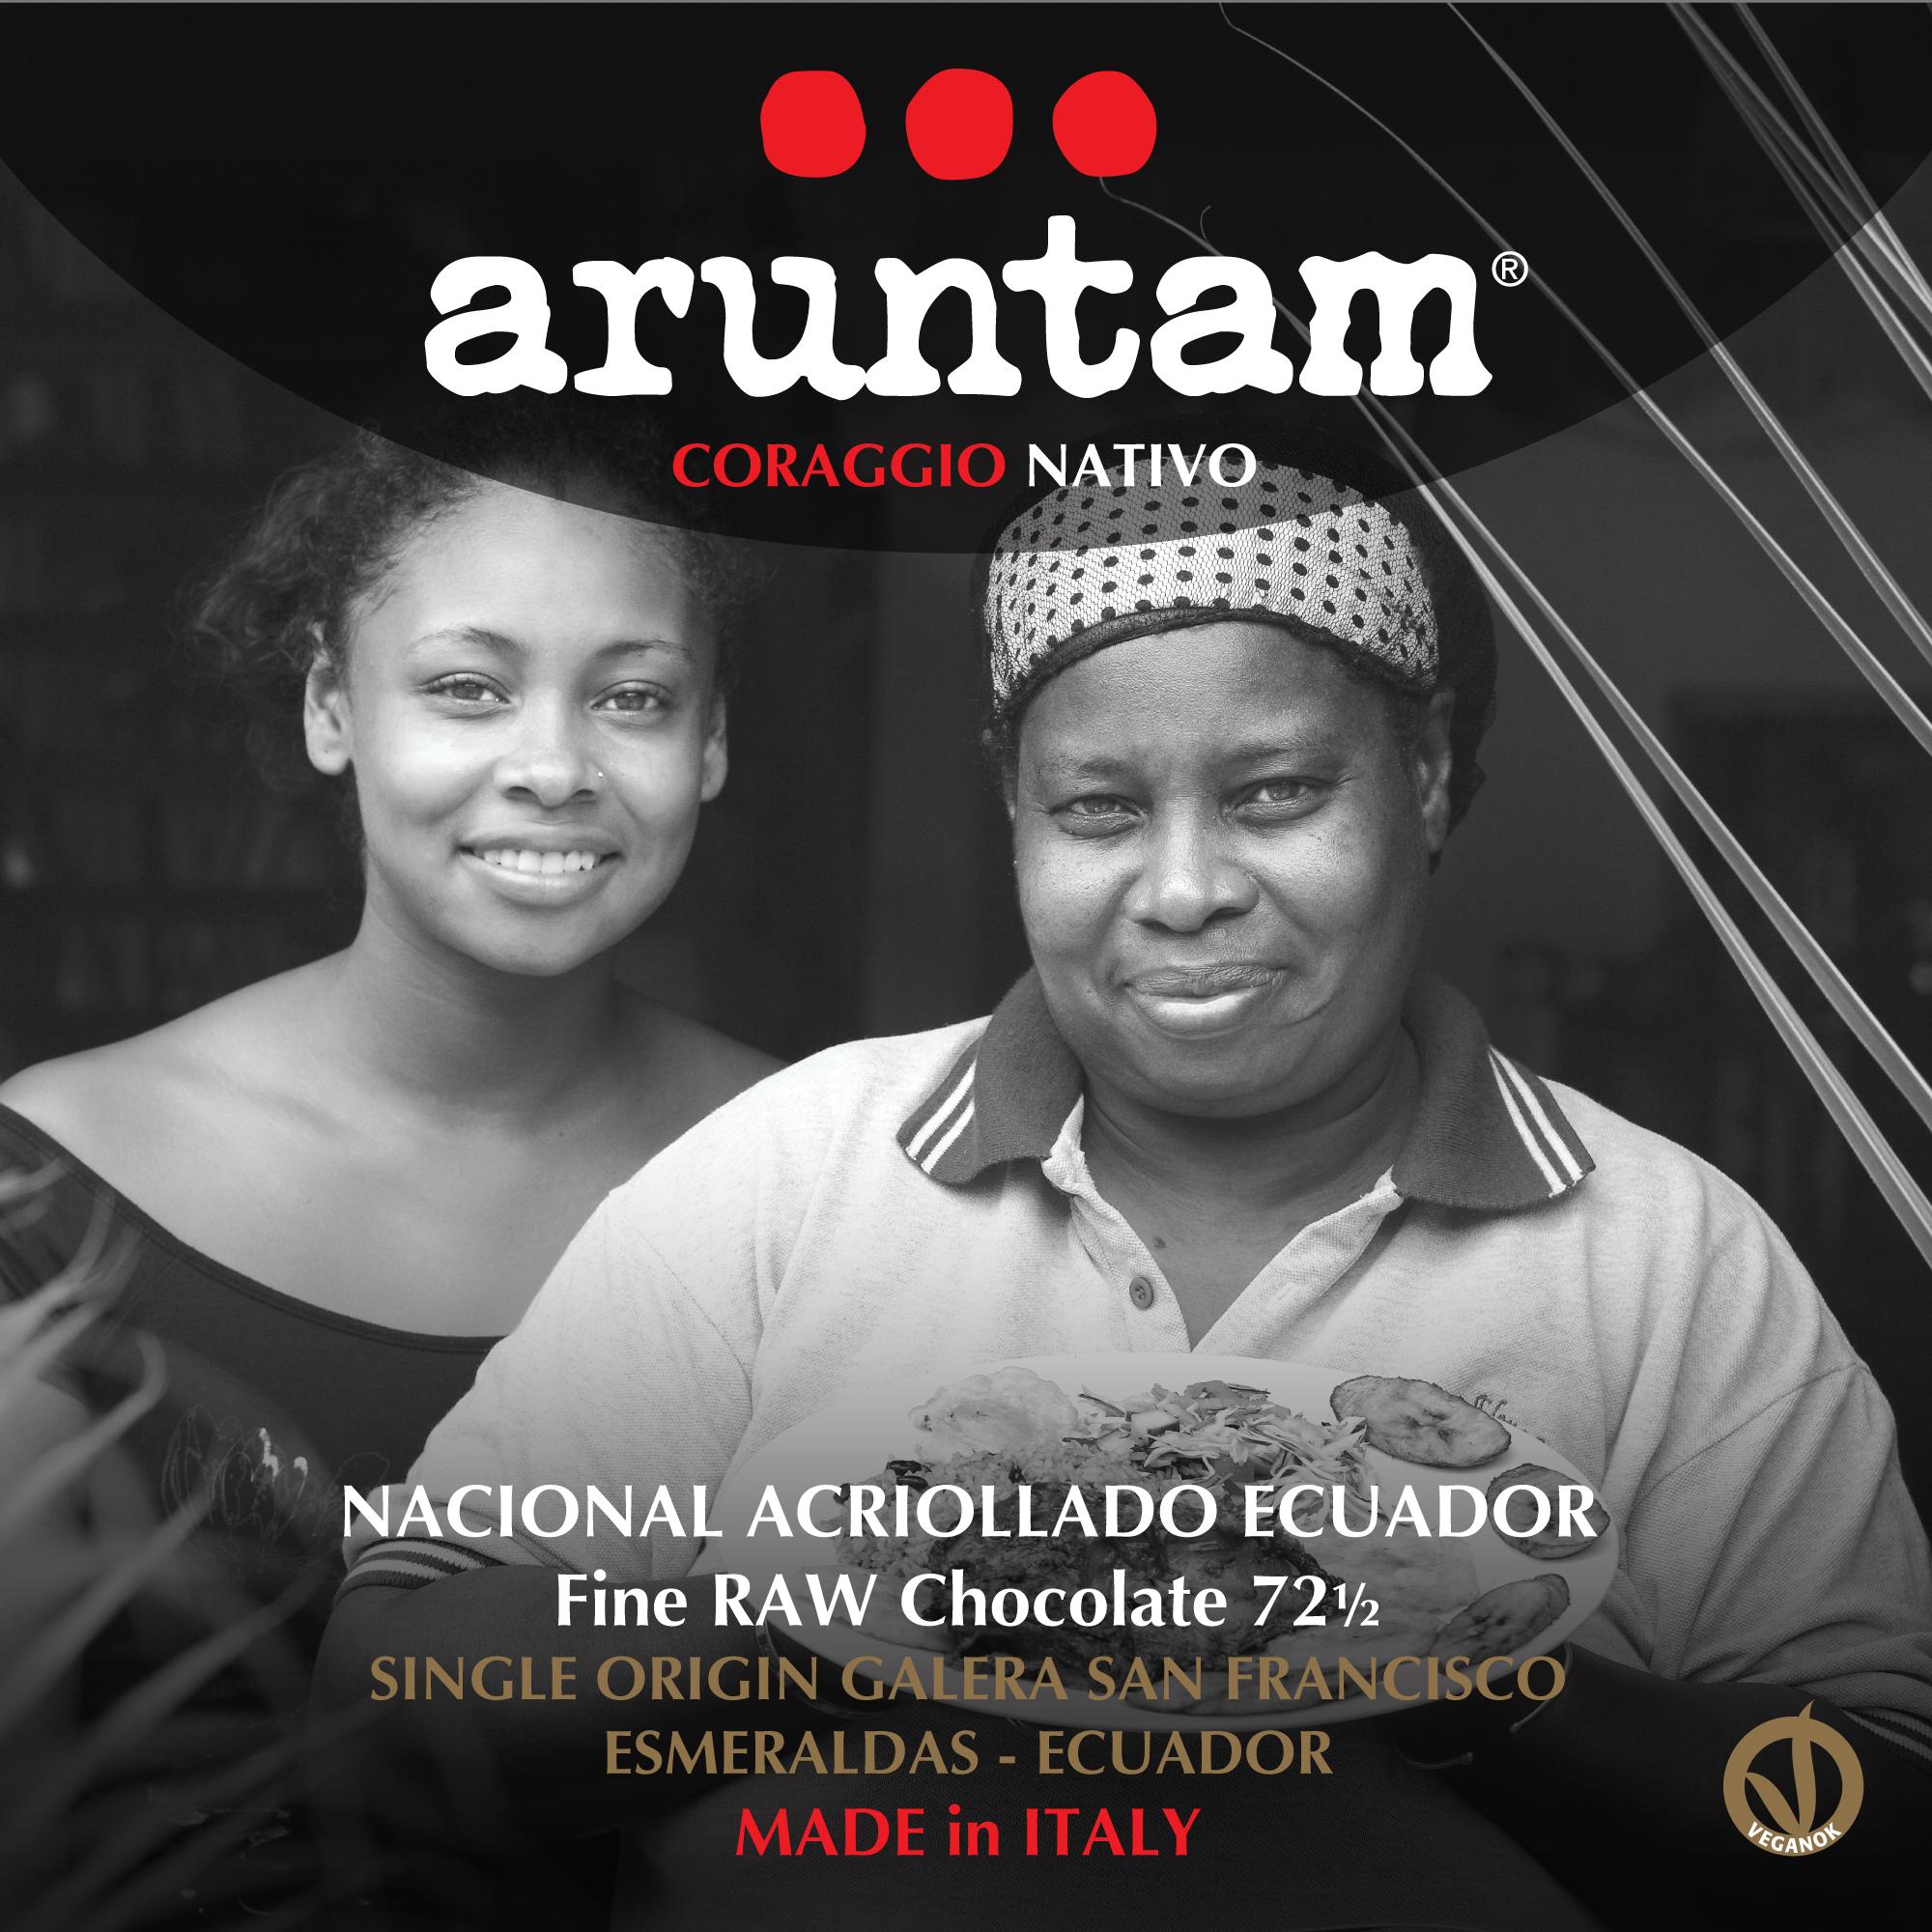 06-NACIONAL-ACRIOLLADO-ECUADOR-ESMERALDAS-san-francisco